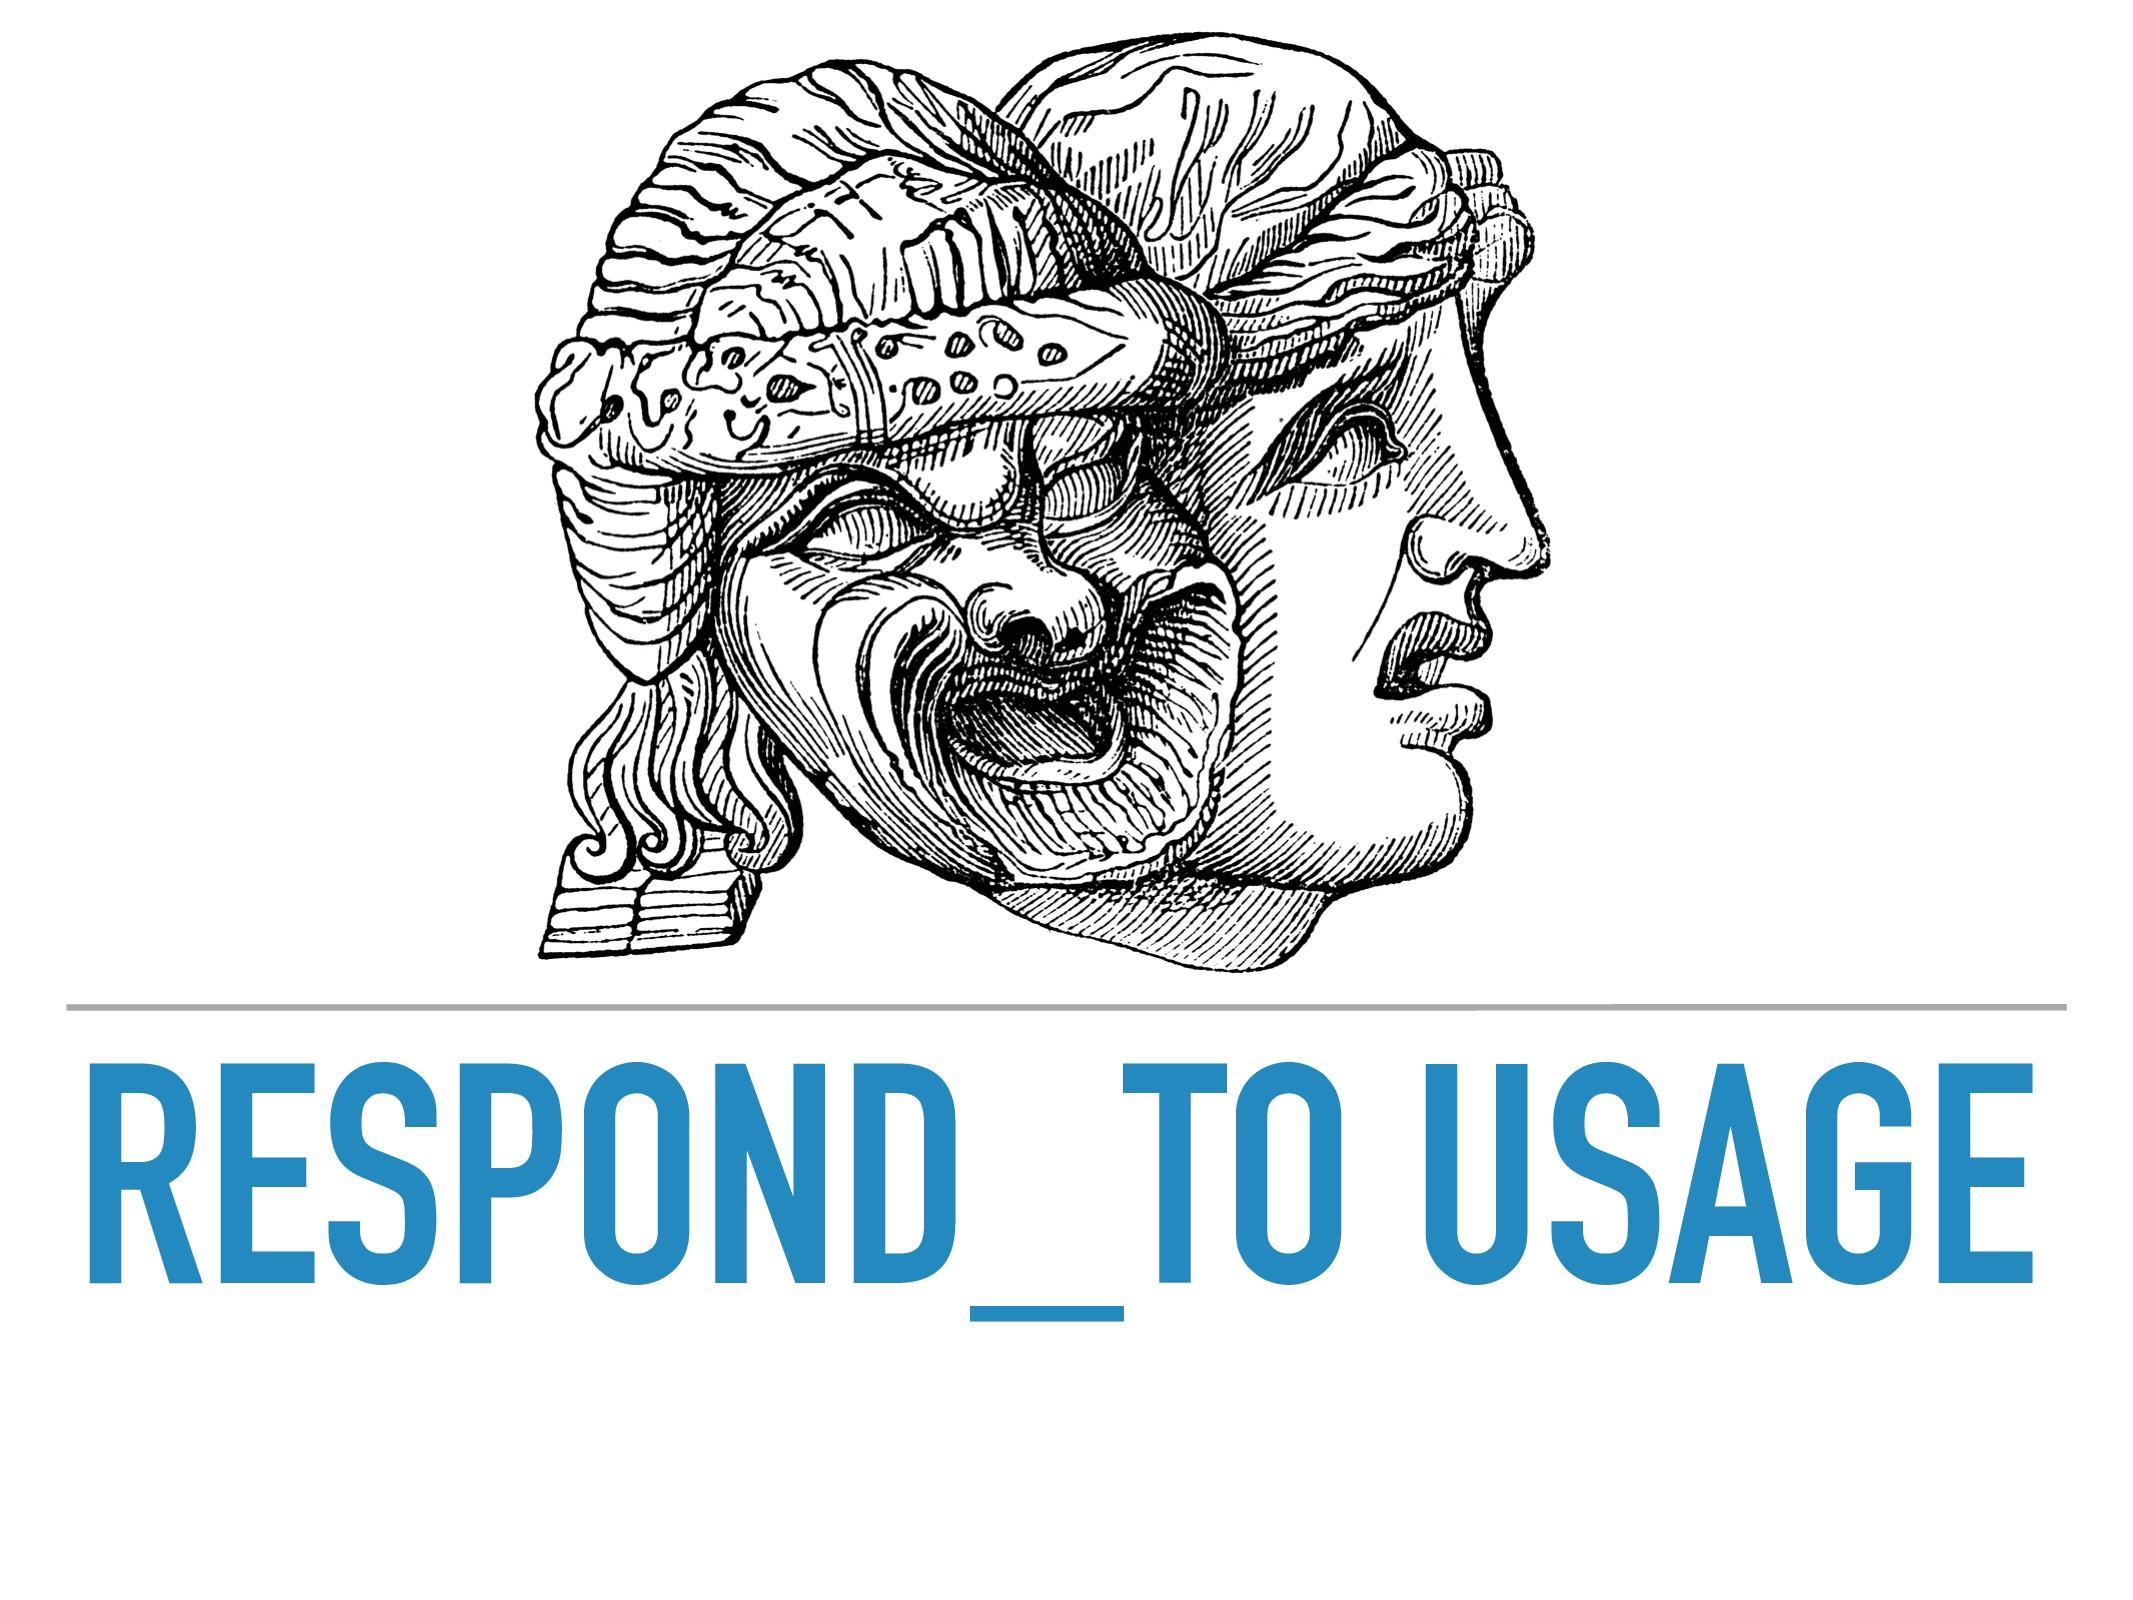 RESPOND_TO USAGE